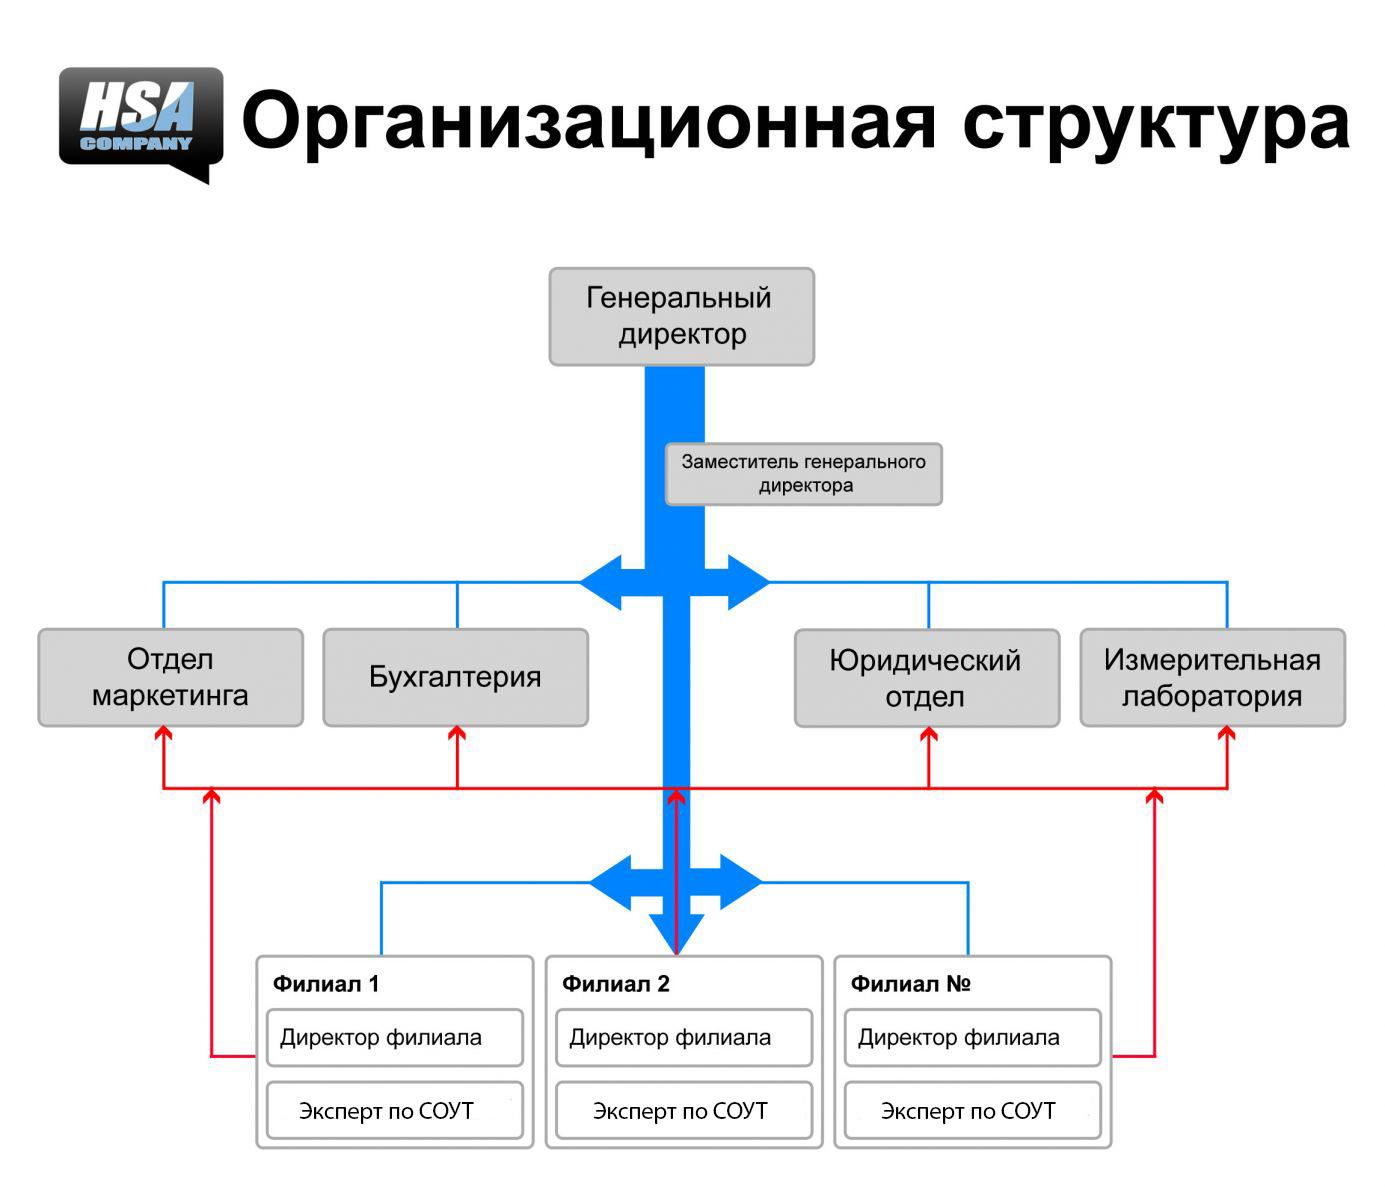 Как сделать схему организационной структуры предприятия